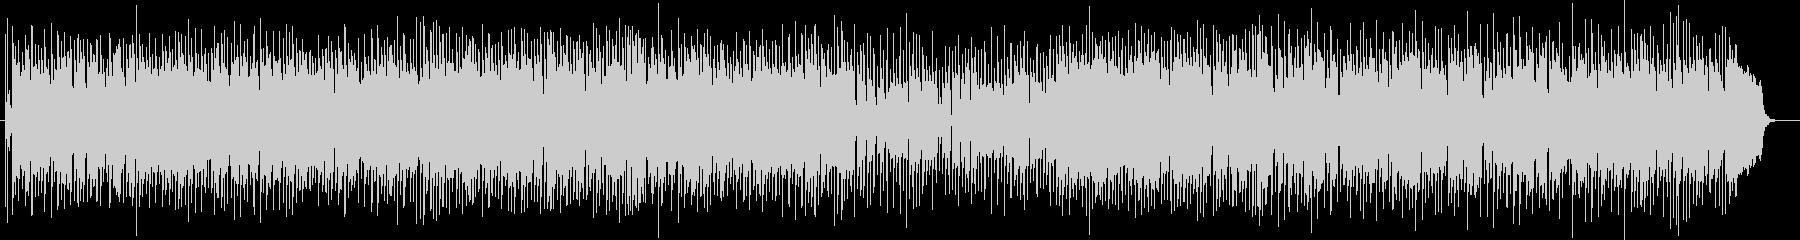 軽快でミディアムテンポが特徴のポップスの未再生の波形